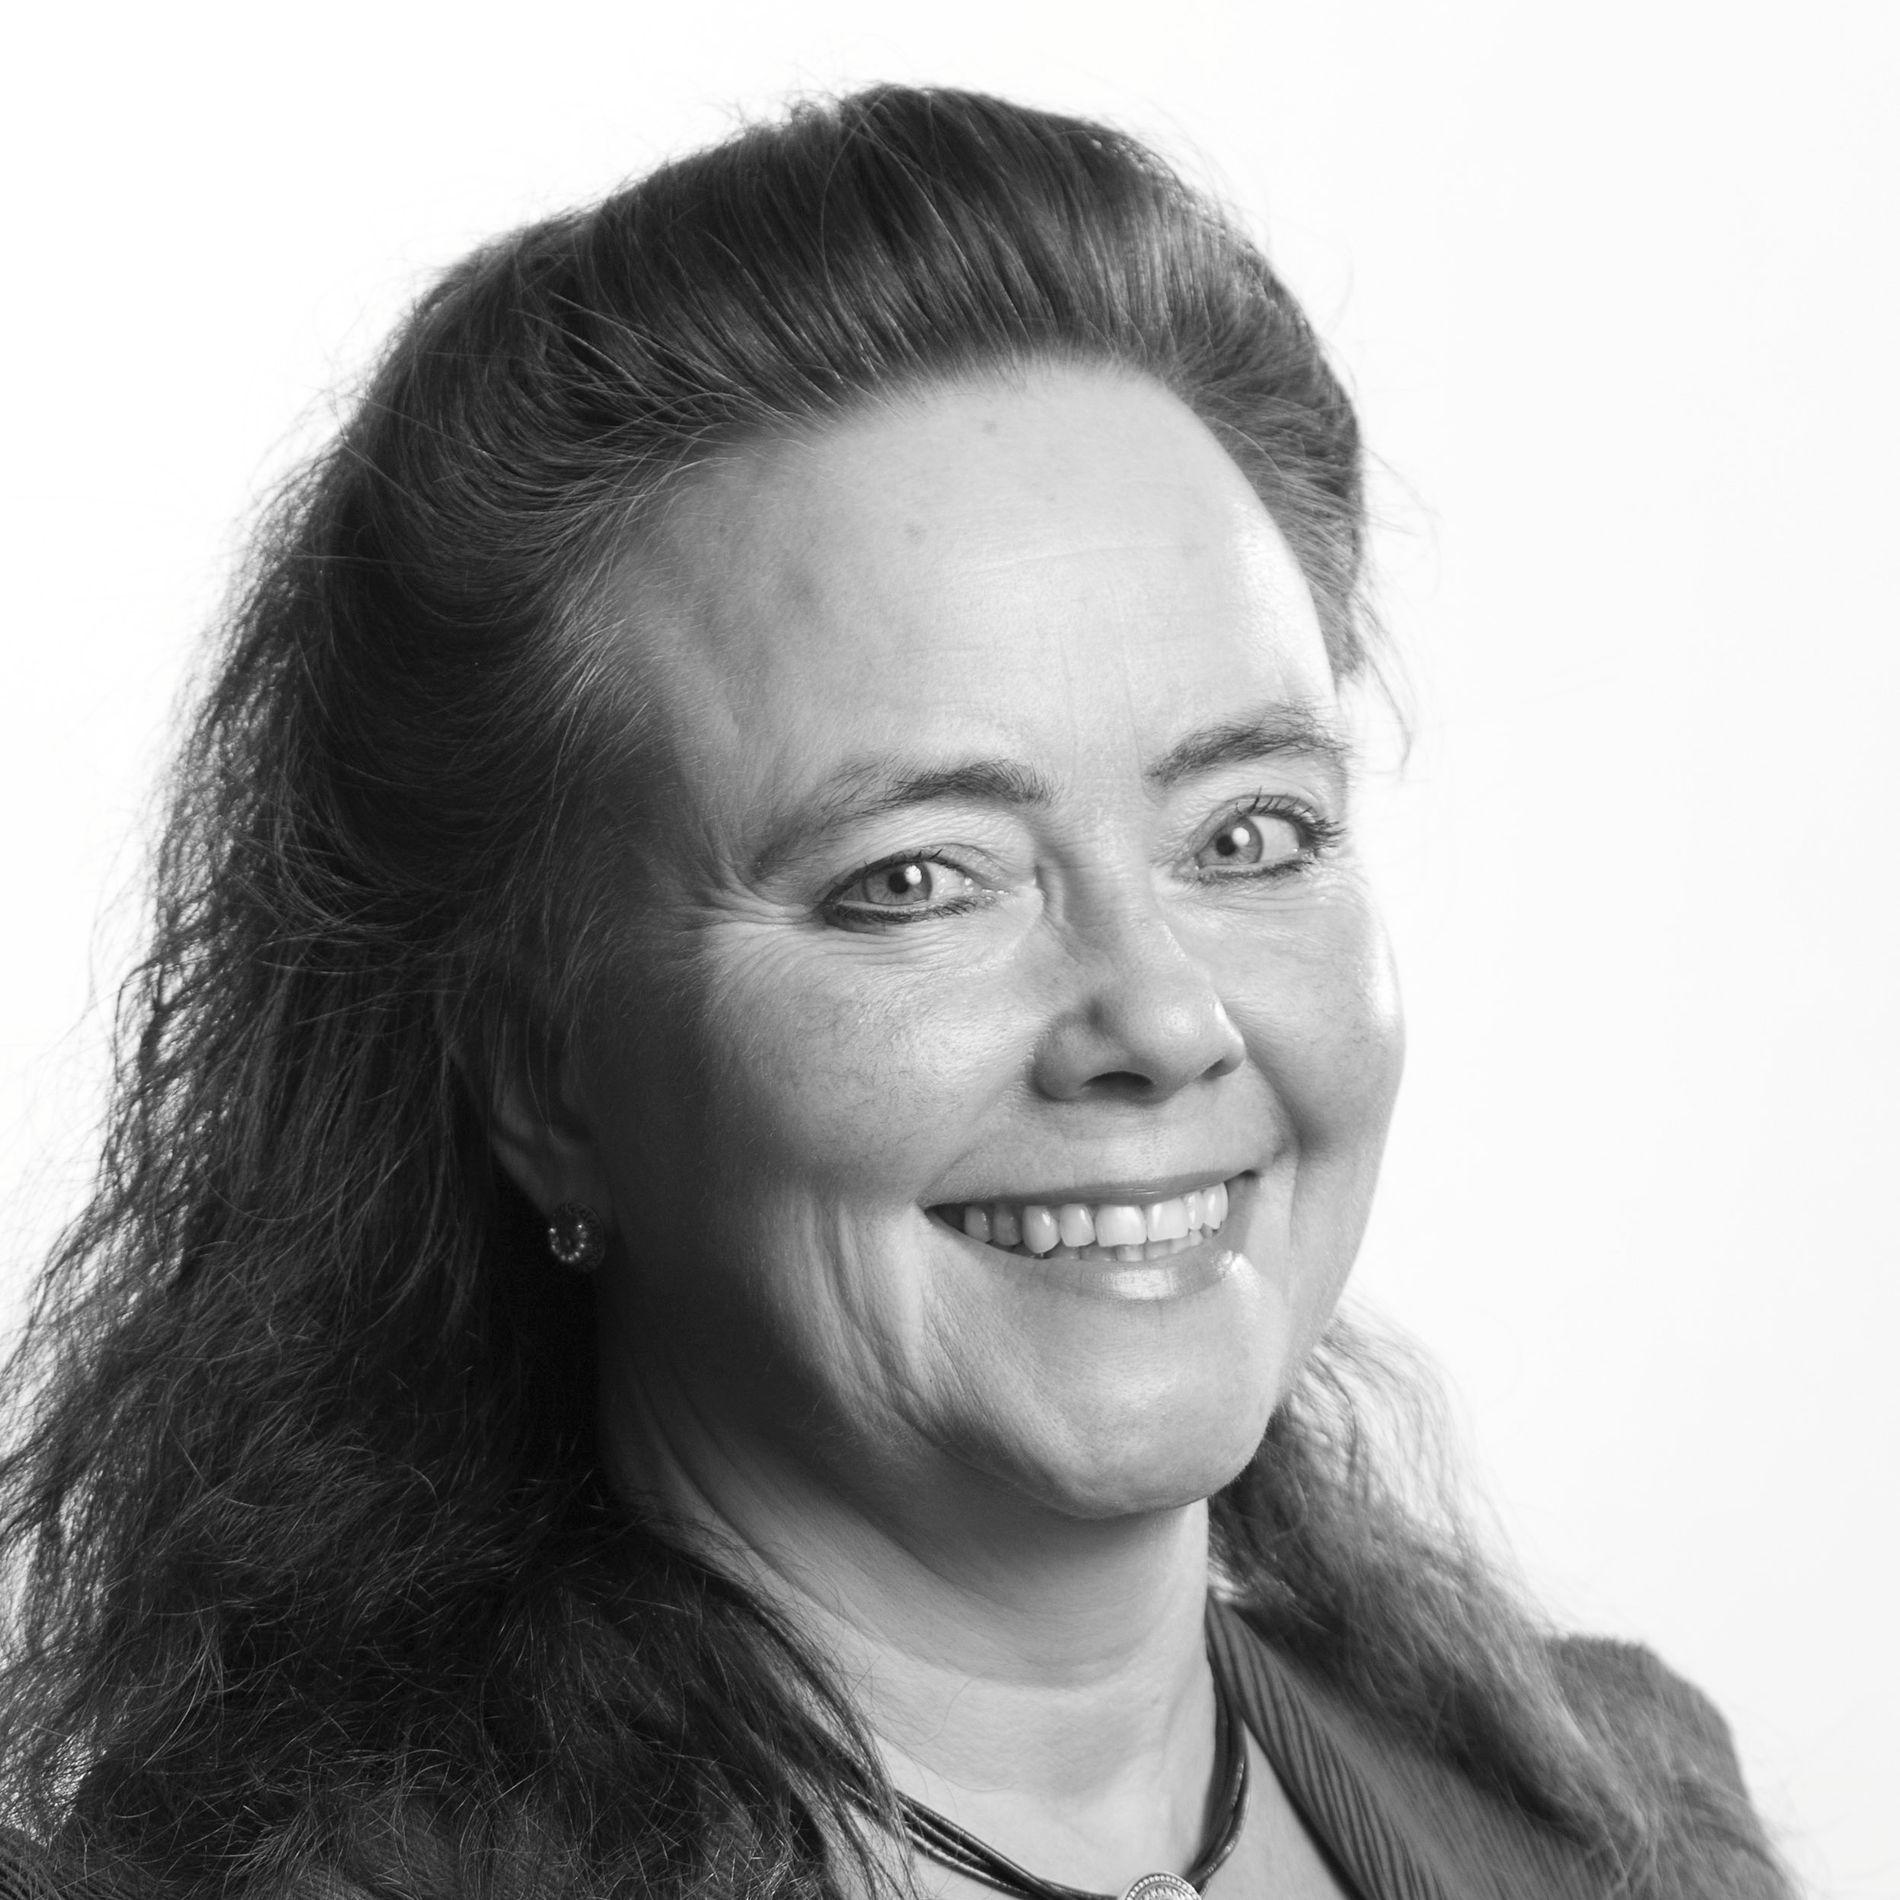 Anna Elisa Tryti